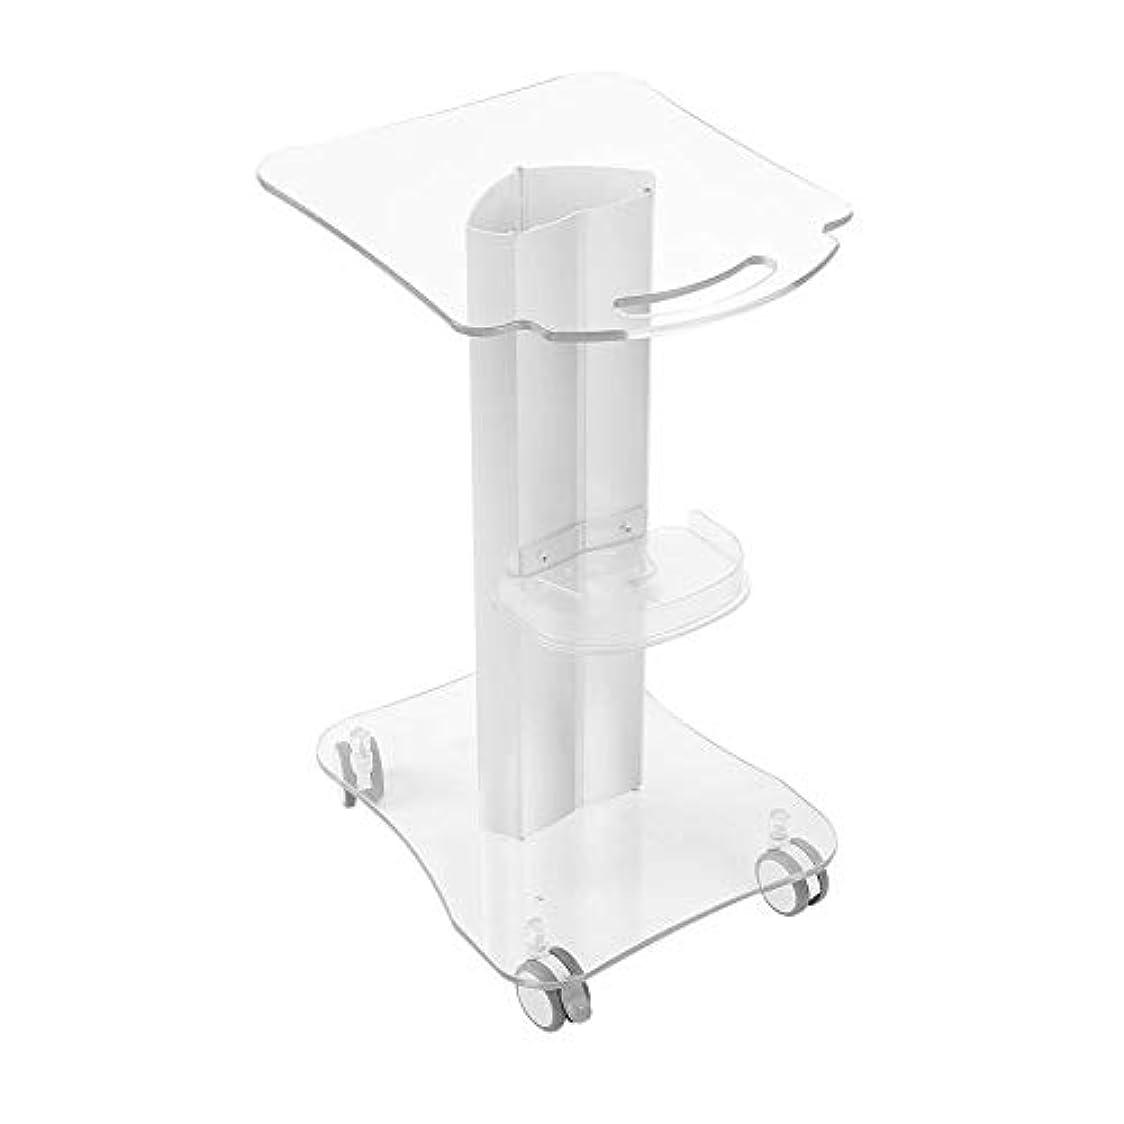 細心のオーロックかけがえのない美容院のトロリー大広間の圧延のカートの使用美容院のための4つの車輪のアルミニウム立場のプレキシガラスの台座収納トレイ